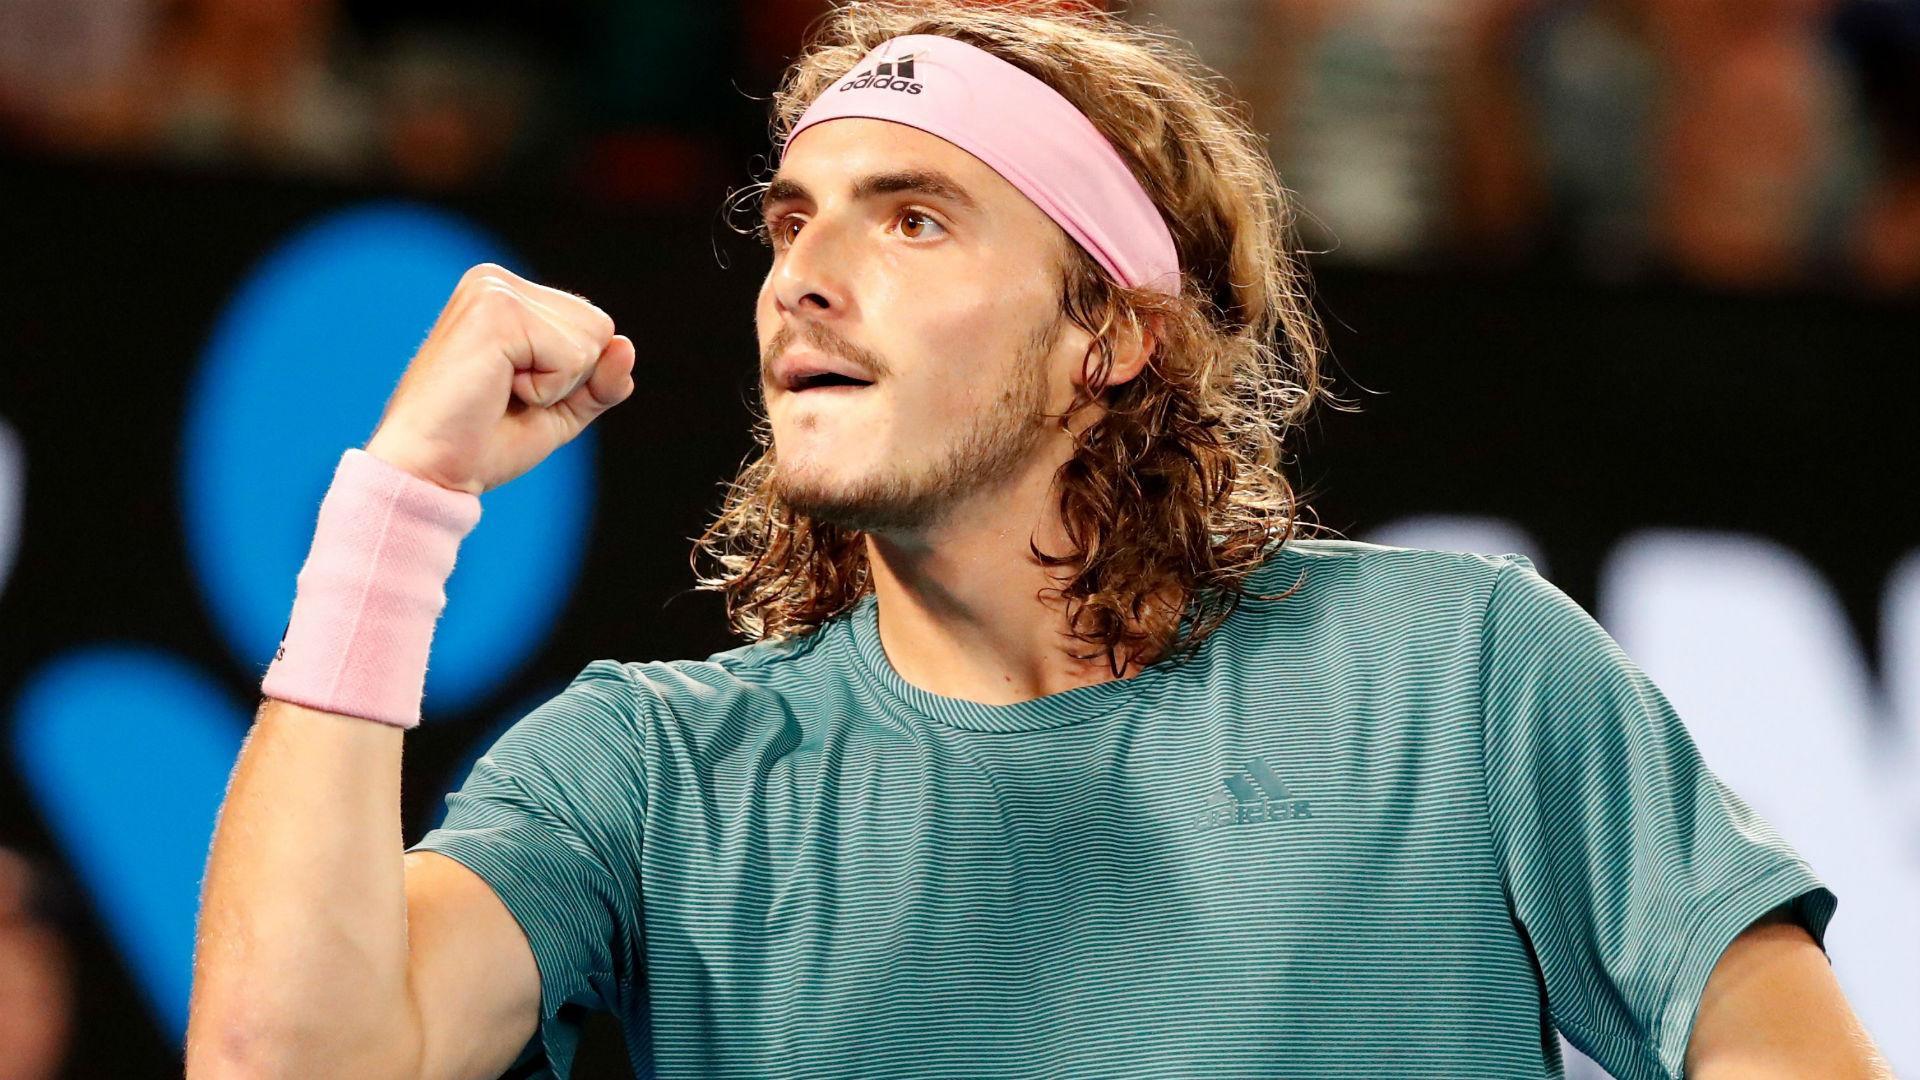 Australian Open Stefanos Tsitsipas Causes Huge Upset Over Roger Federer In Fourth Round Epic Sporting News Australia